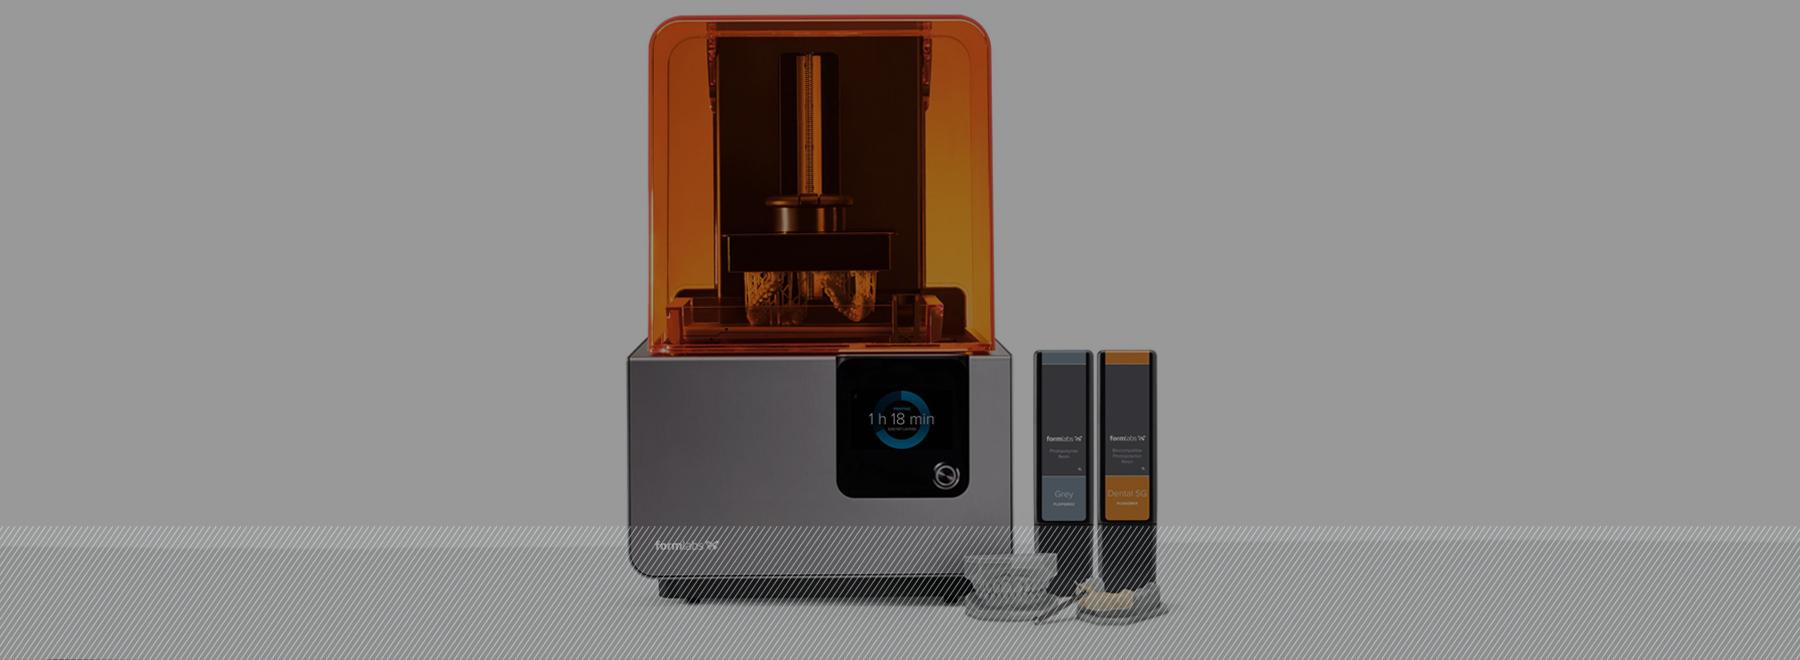 La impresora 3D de Ortodoncia Tres Torres Barcelona imprime físicamente en resina el modelo dental virtual